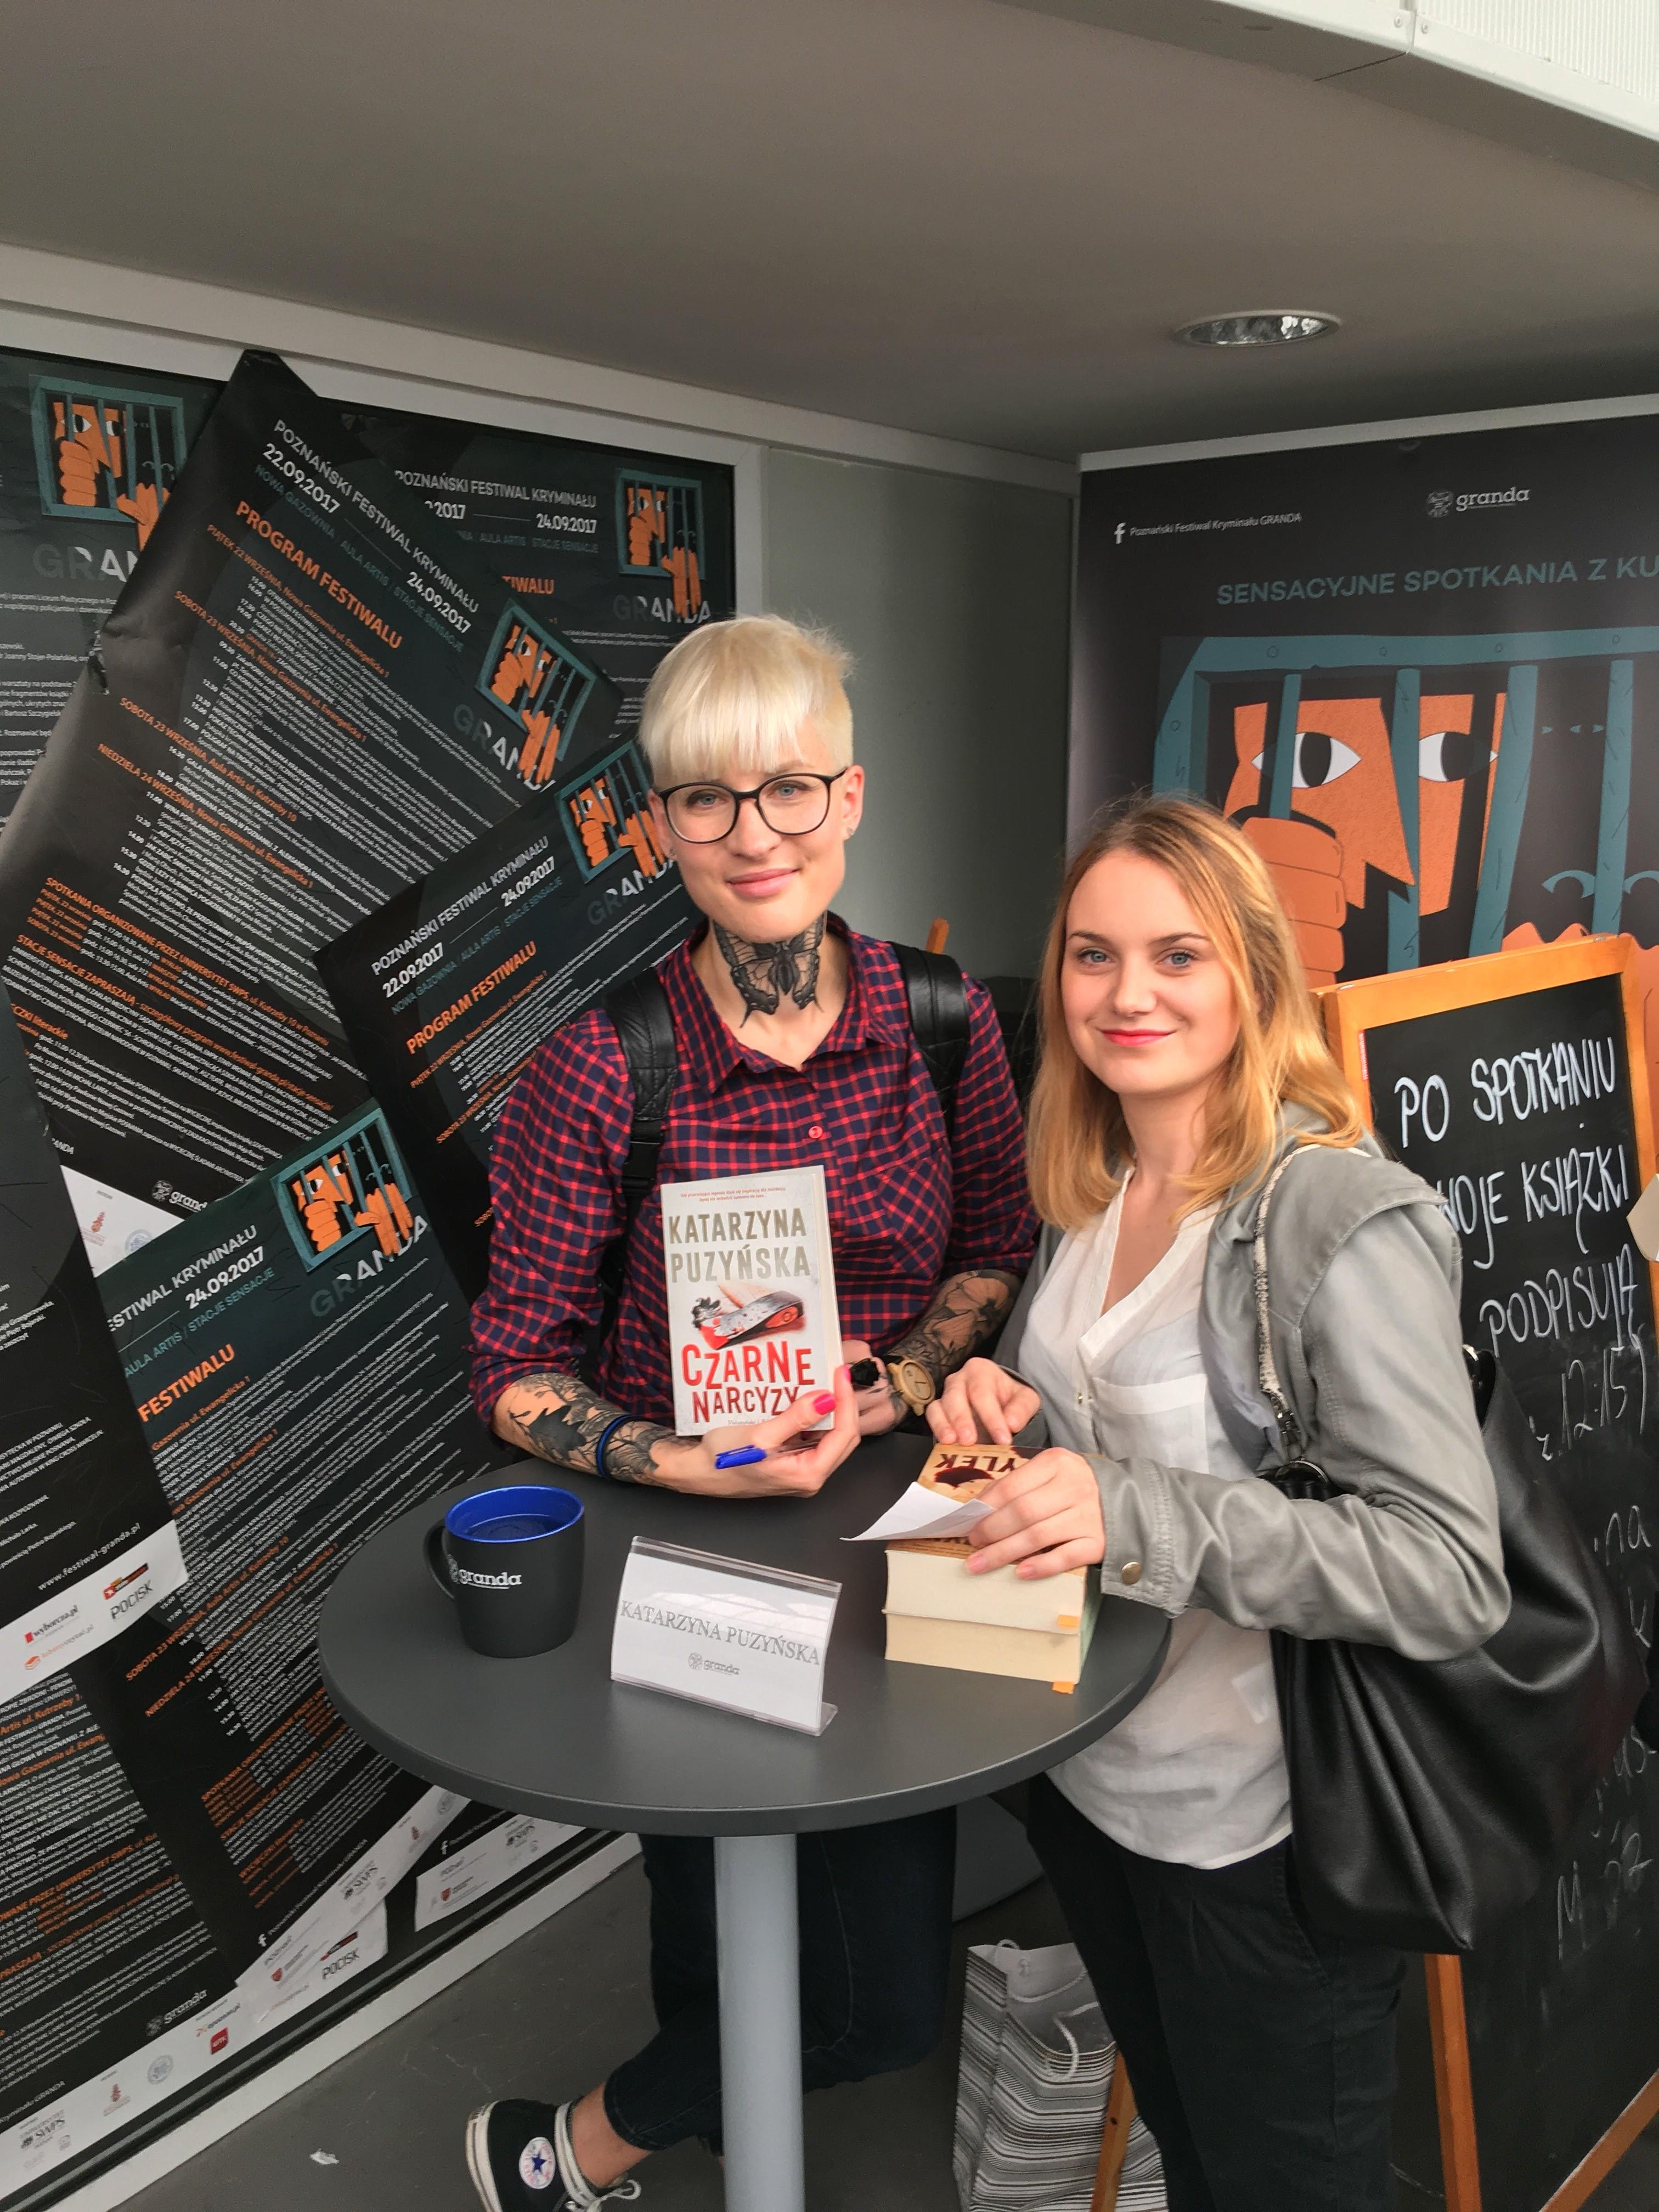 Konkurs – Wygraj jedną z dwóch książek Kasi Puzyńskiej z autografem :)